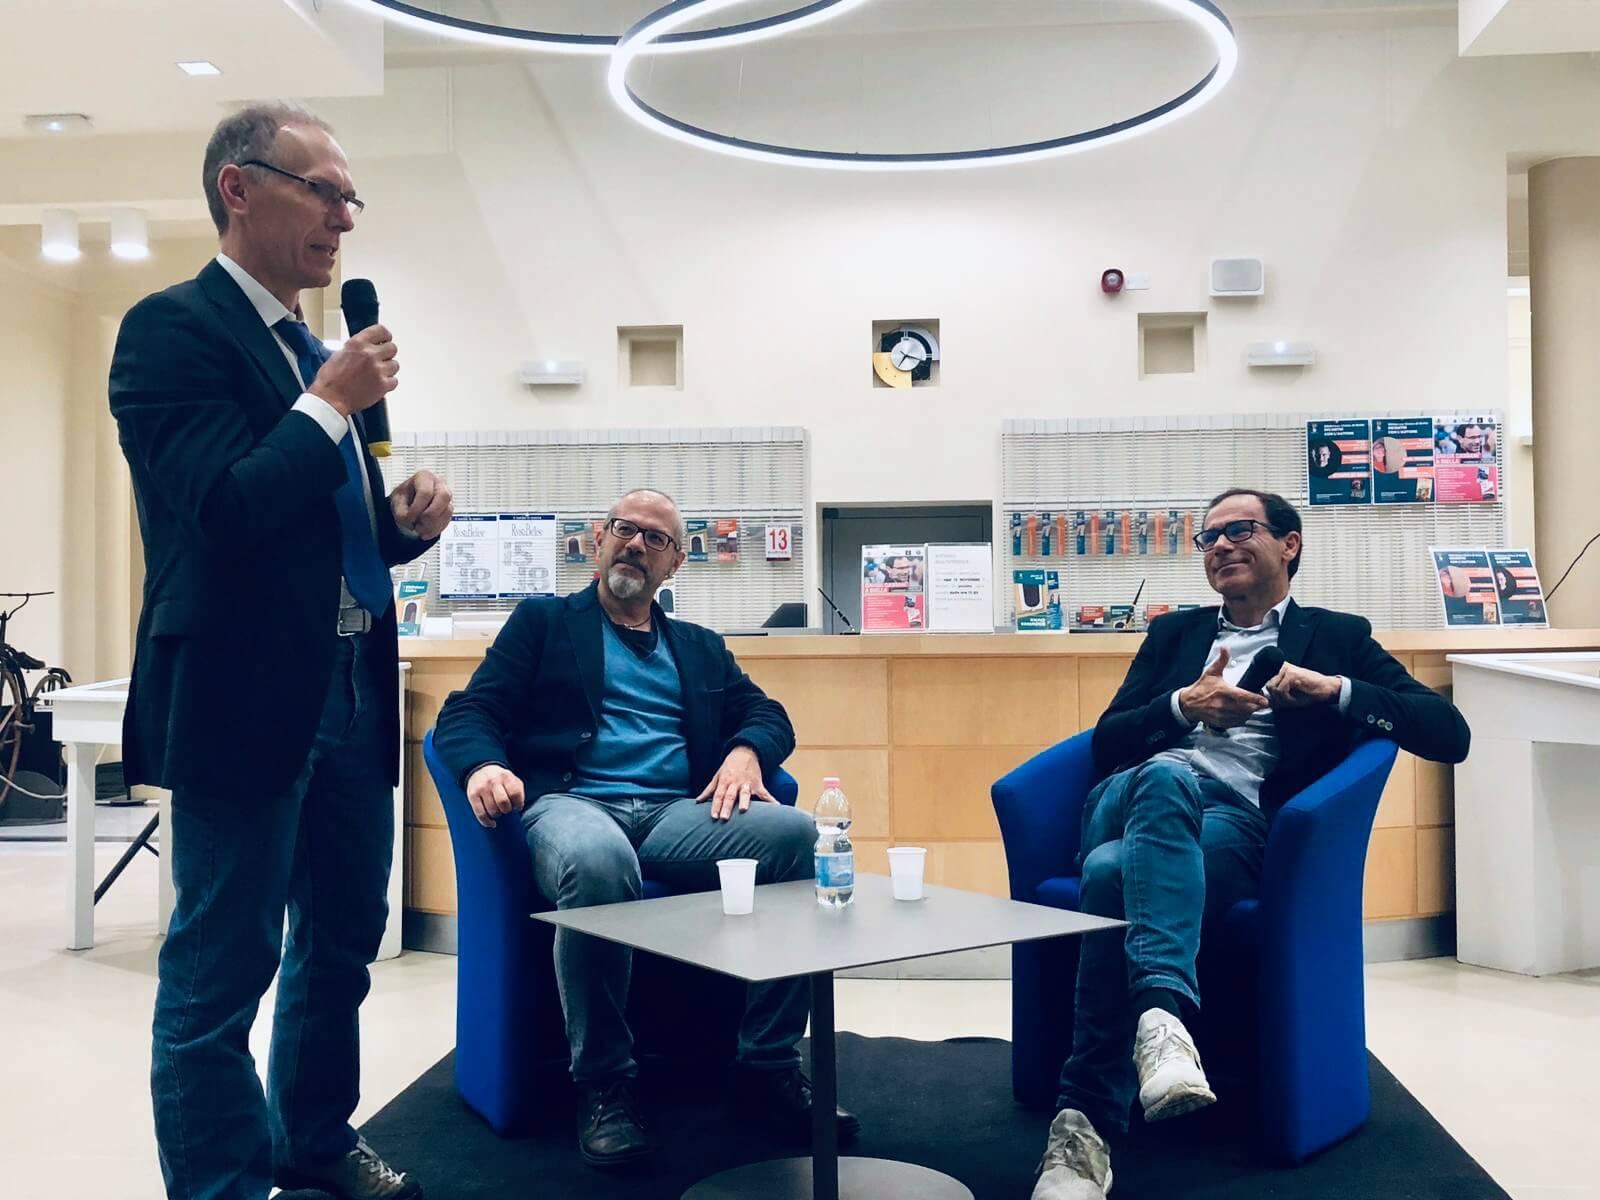 L'ex professionista biellese Gianni Zola e Davide Cassani scambiano aneddoti all'incontro in biblioteca